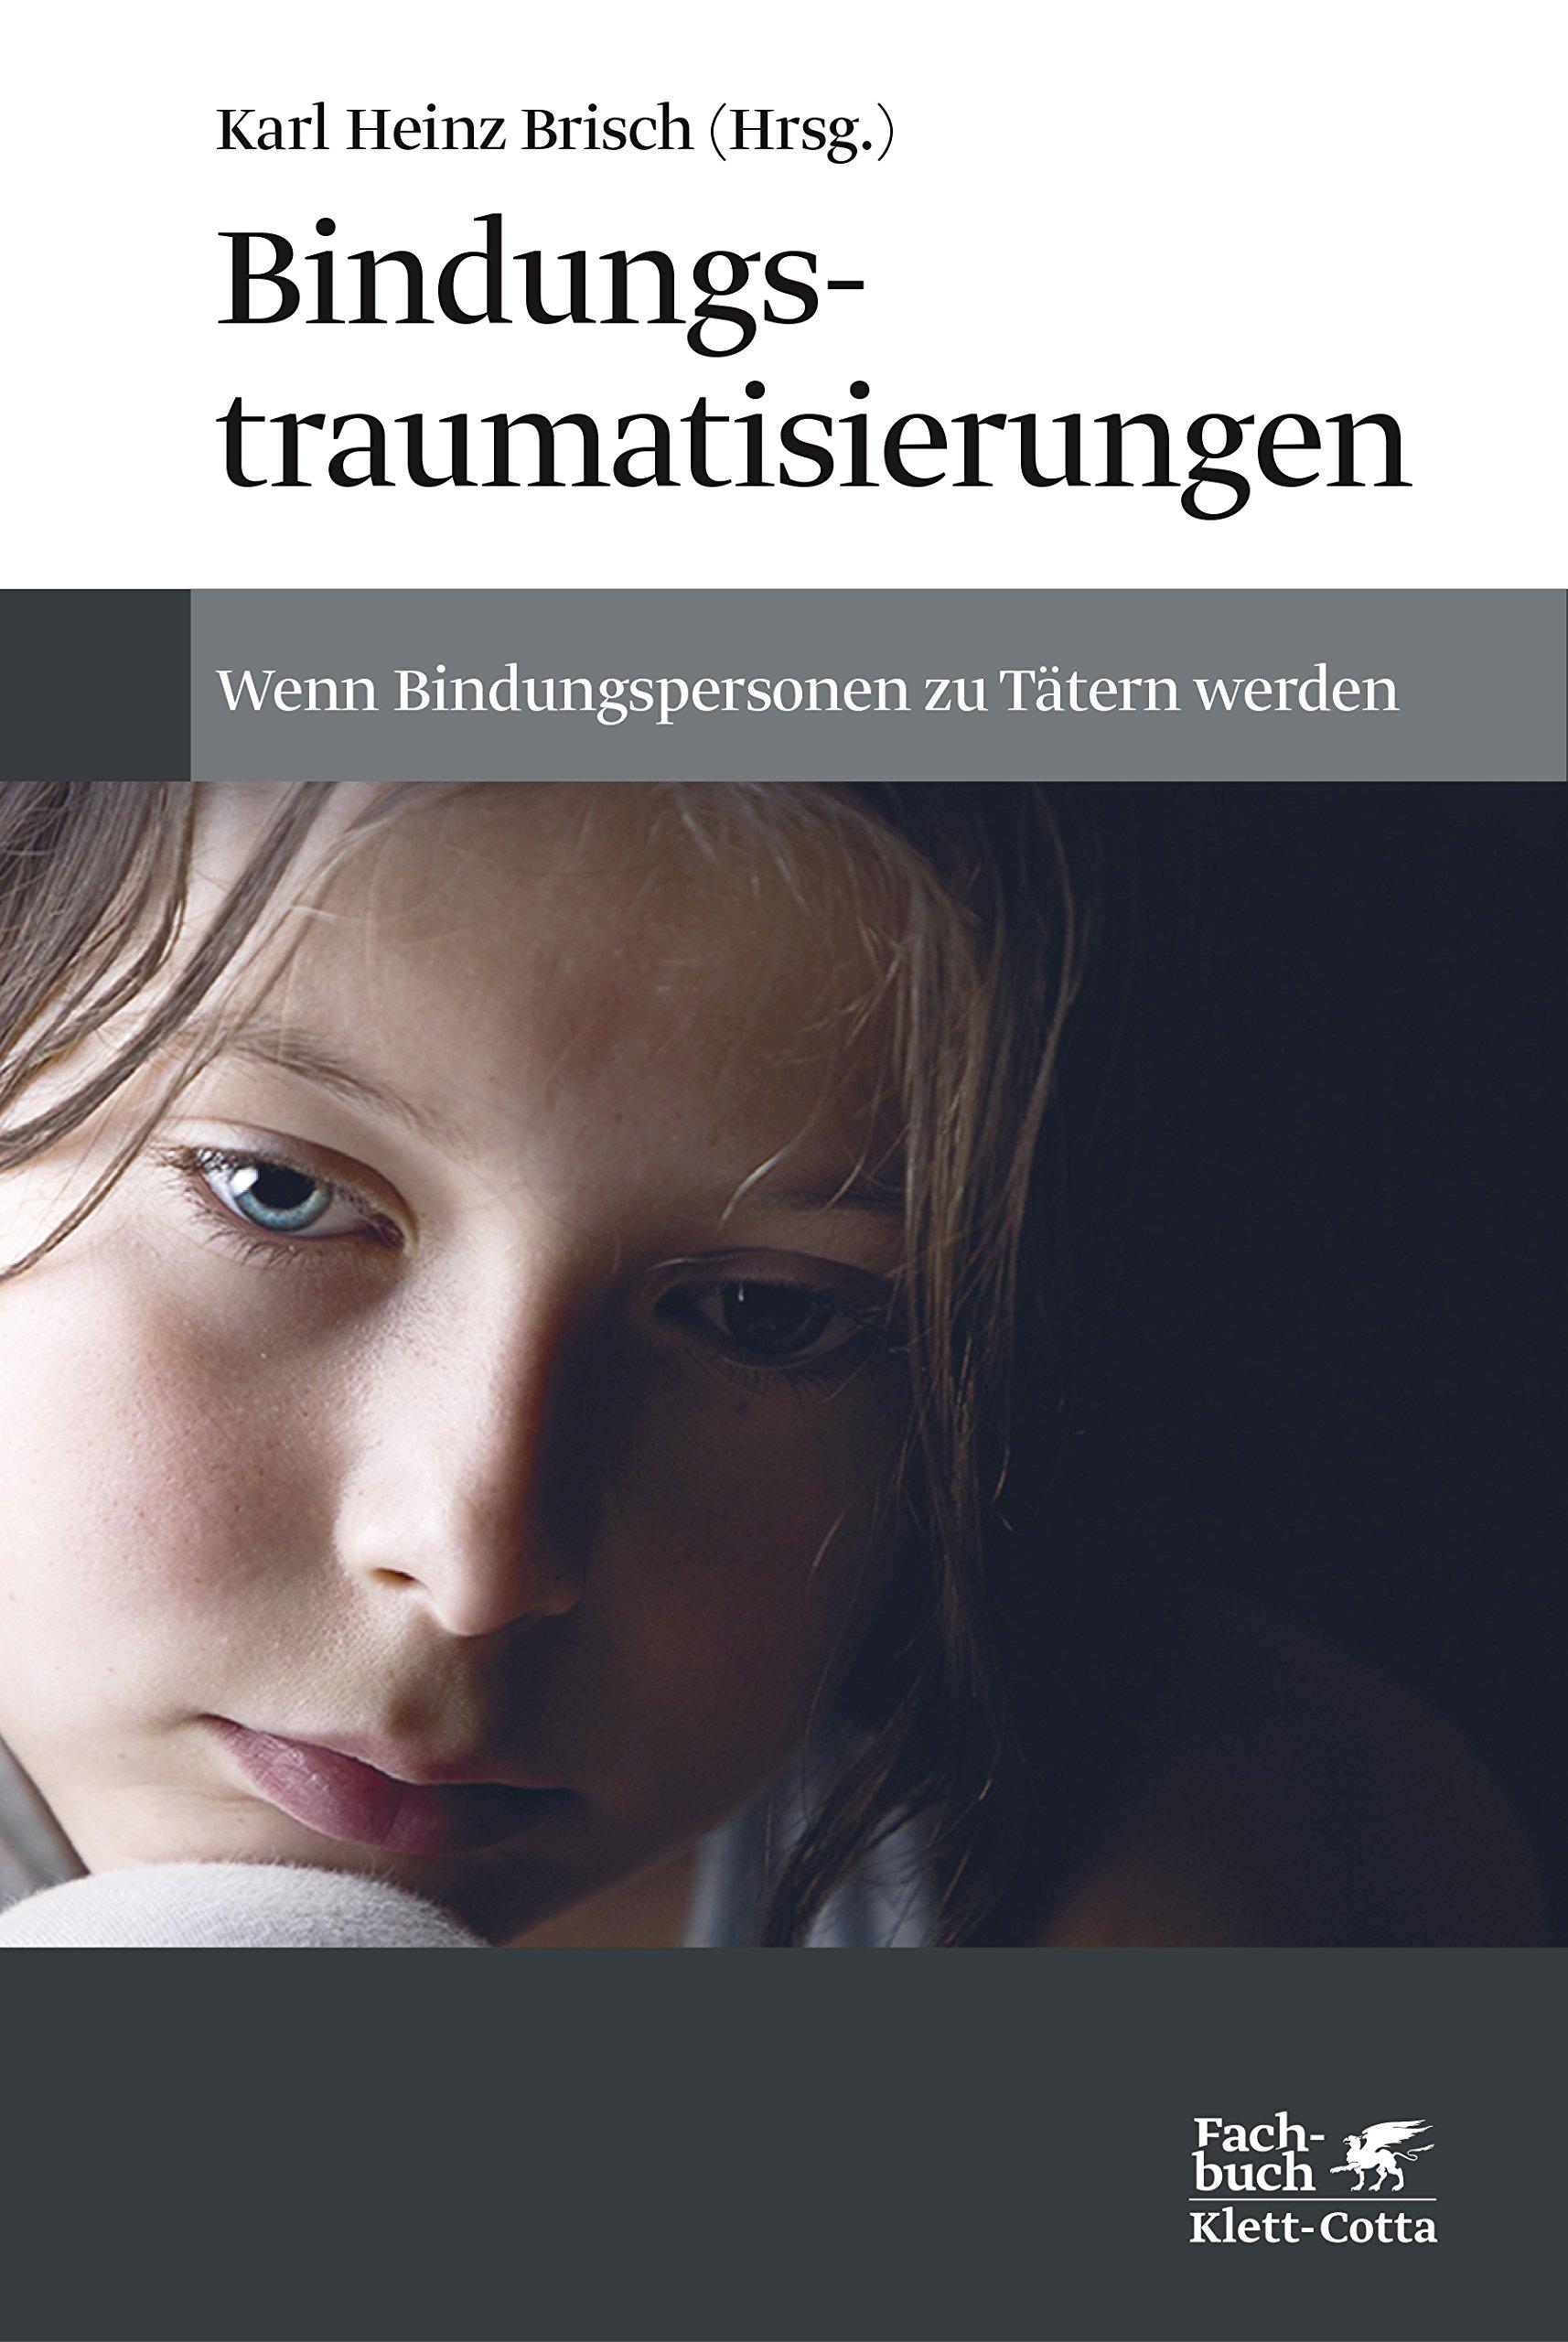 Bindungstraumatisierungen: Wenn Bindungspersonen zu Tätern werden